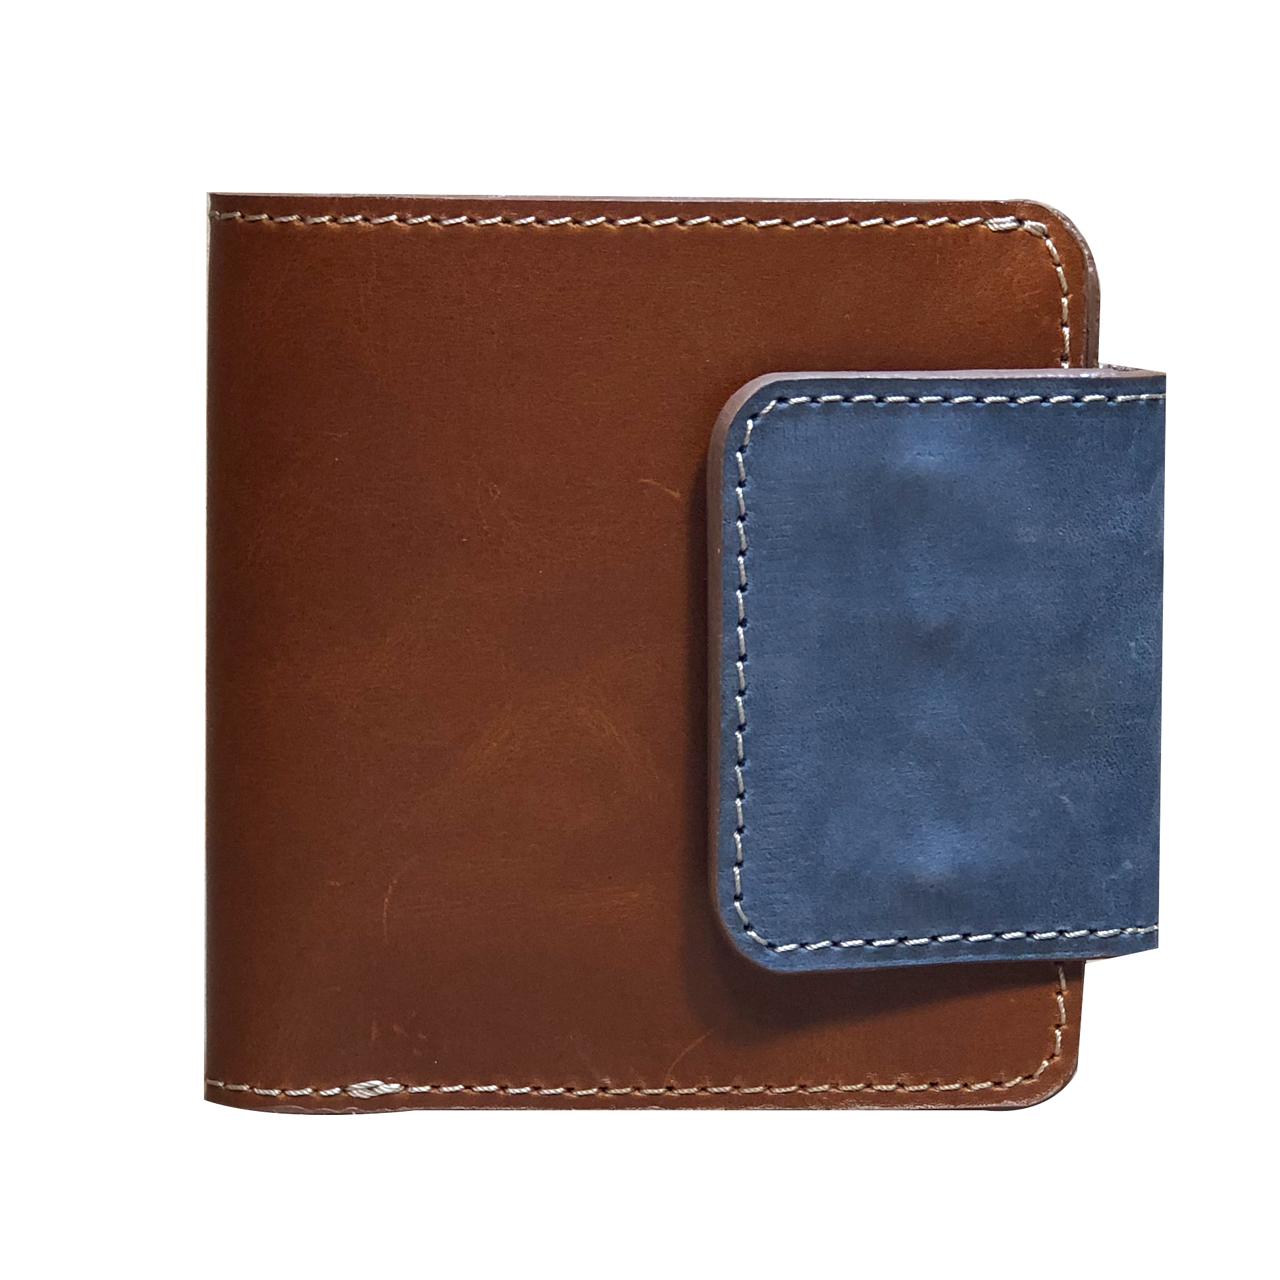 کیف پول چرمی گلیما مدل 310